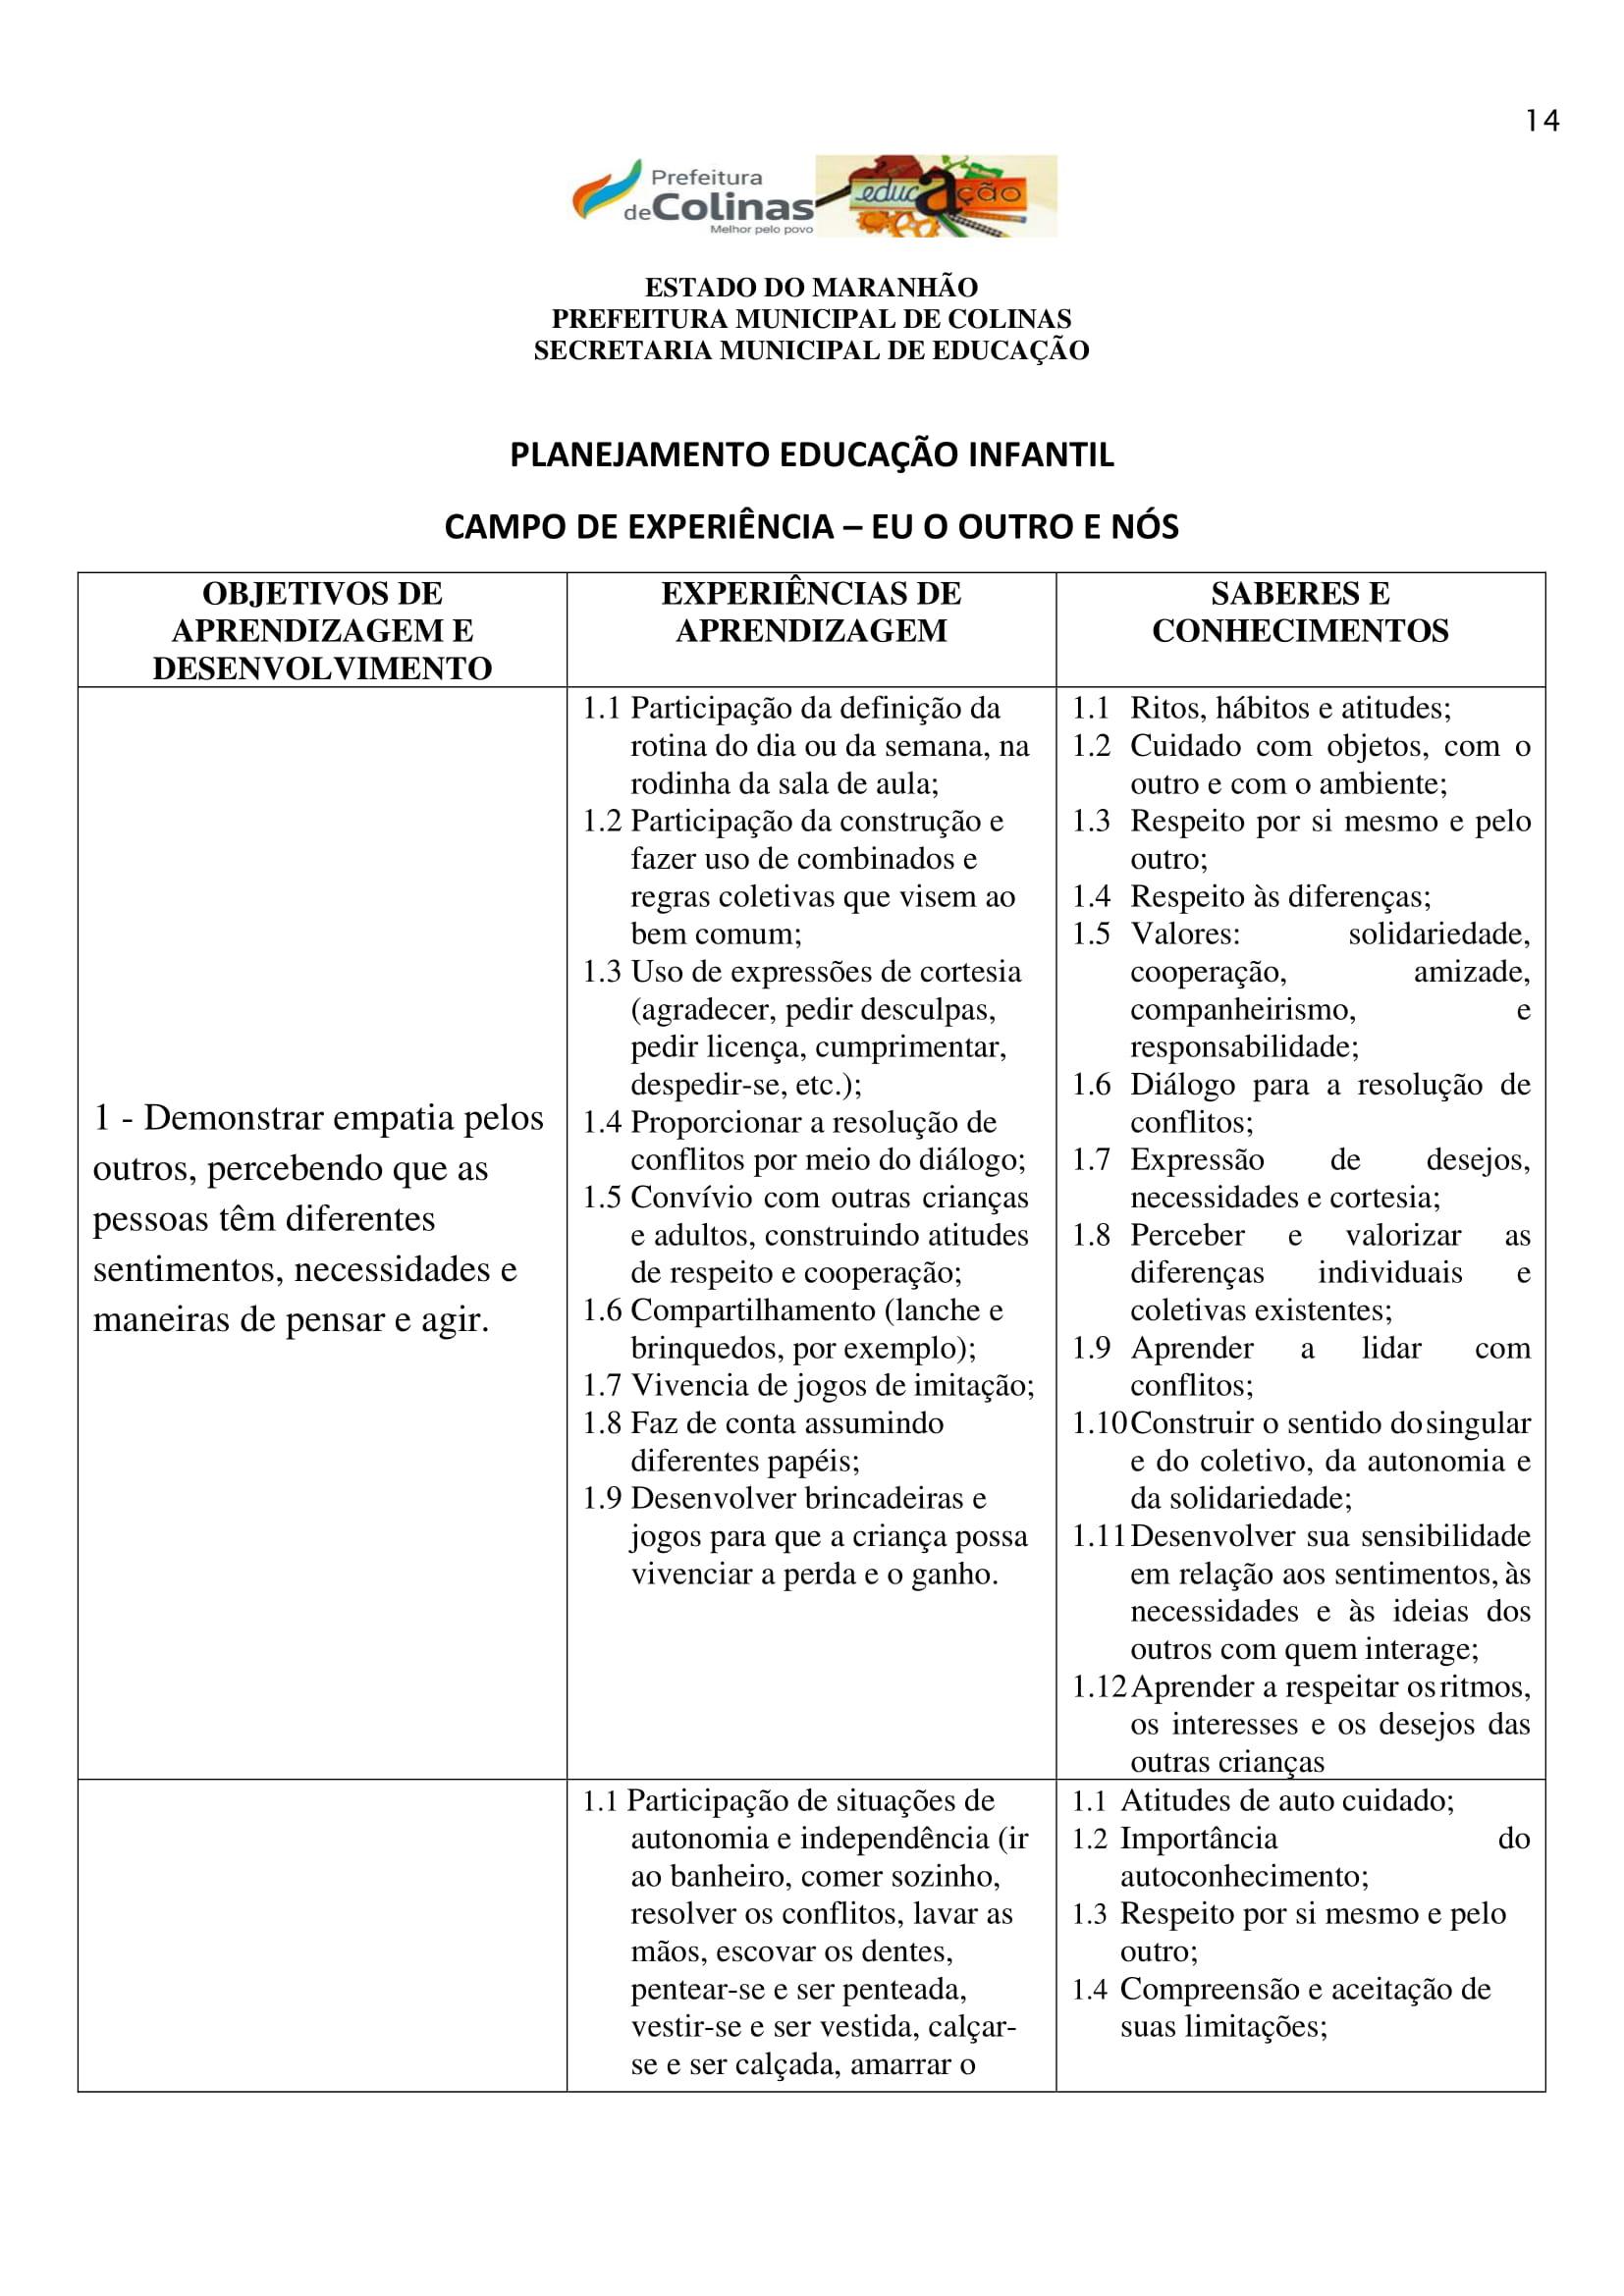 planejamento-educação-infantil-bncc-geral-44